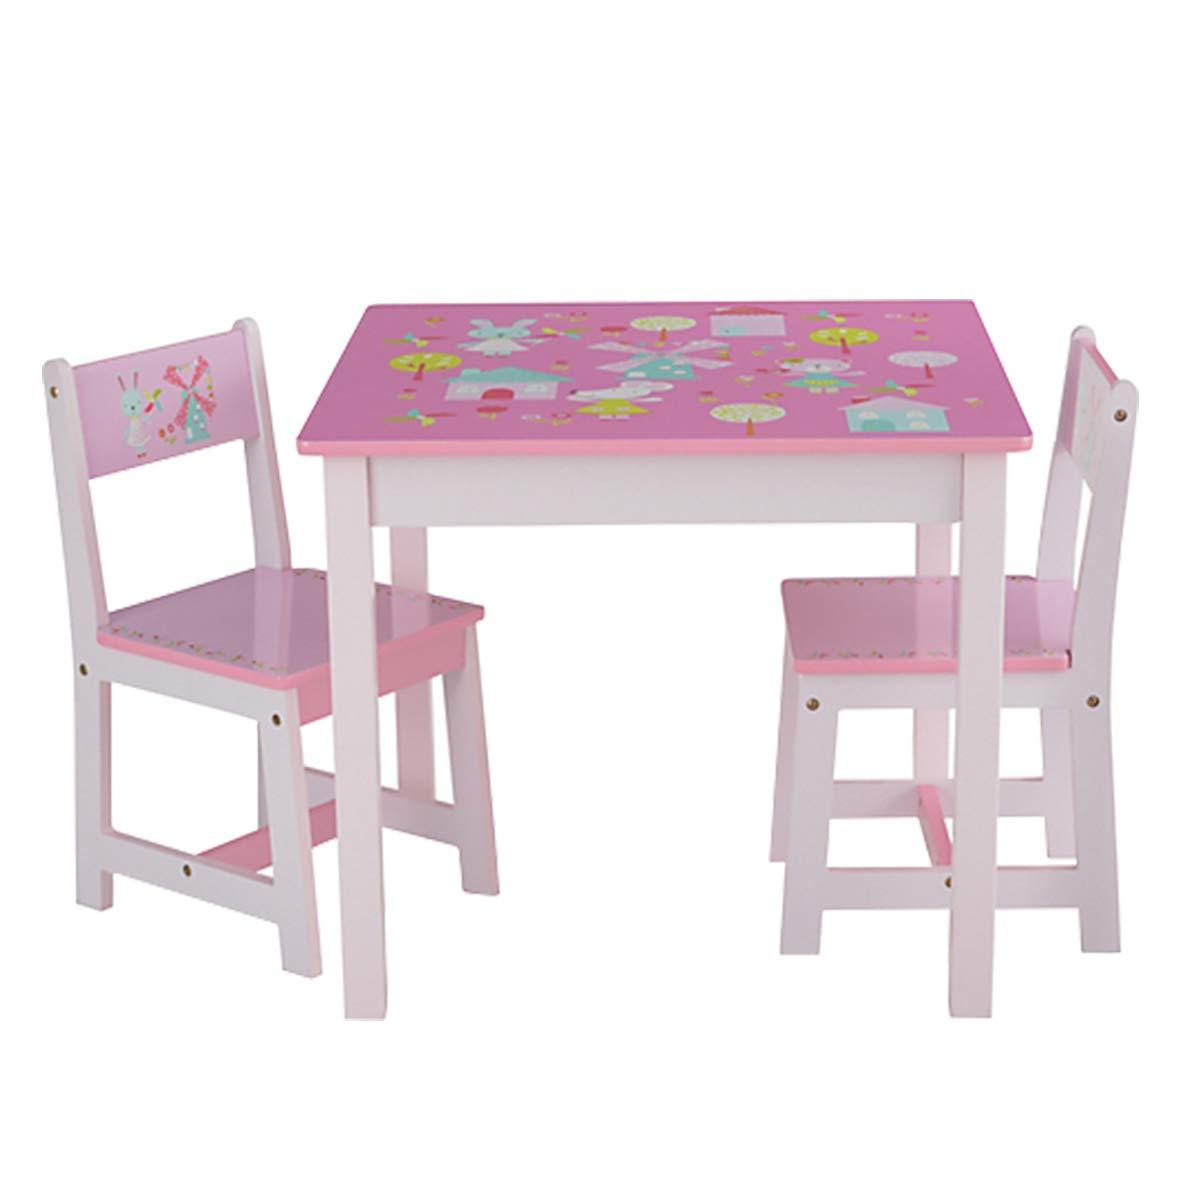 Set Tavolo E Sedie.Odt Set Tavolo E Sedie Per Bambini In Legno 1 Tavolo 2 Sedie 1 Tavolo E 2 Sedie Coniglio E Mulino A Vento Giochi Legno